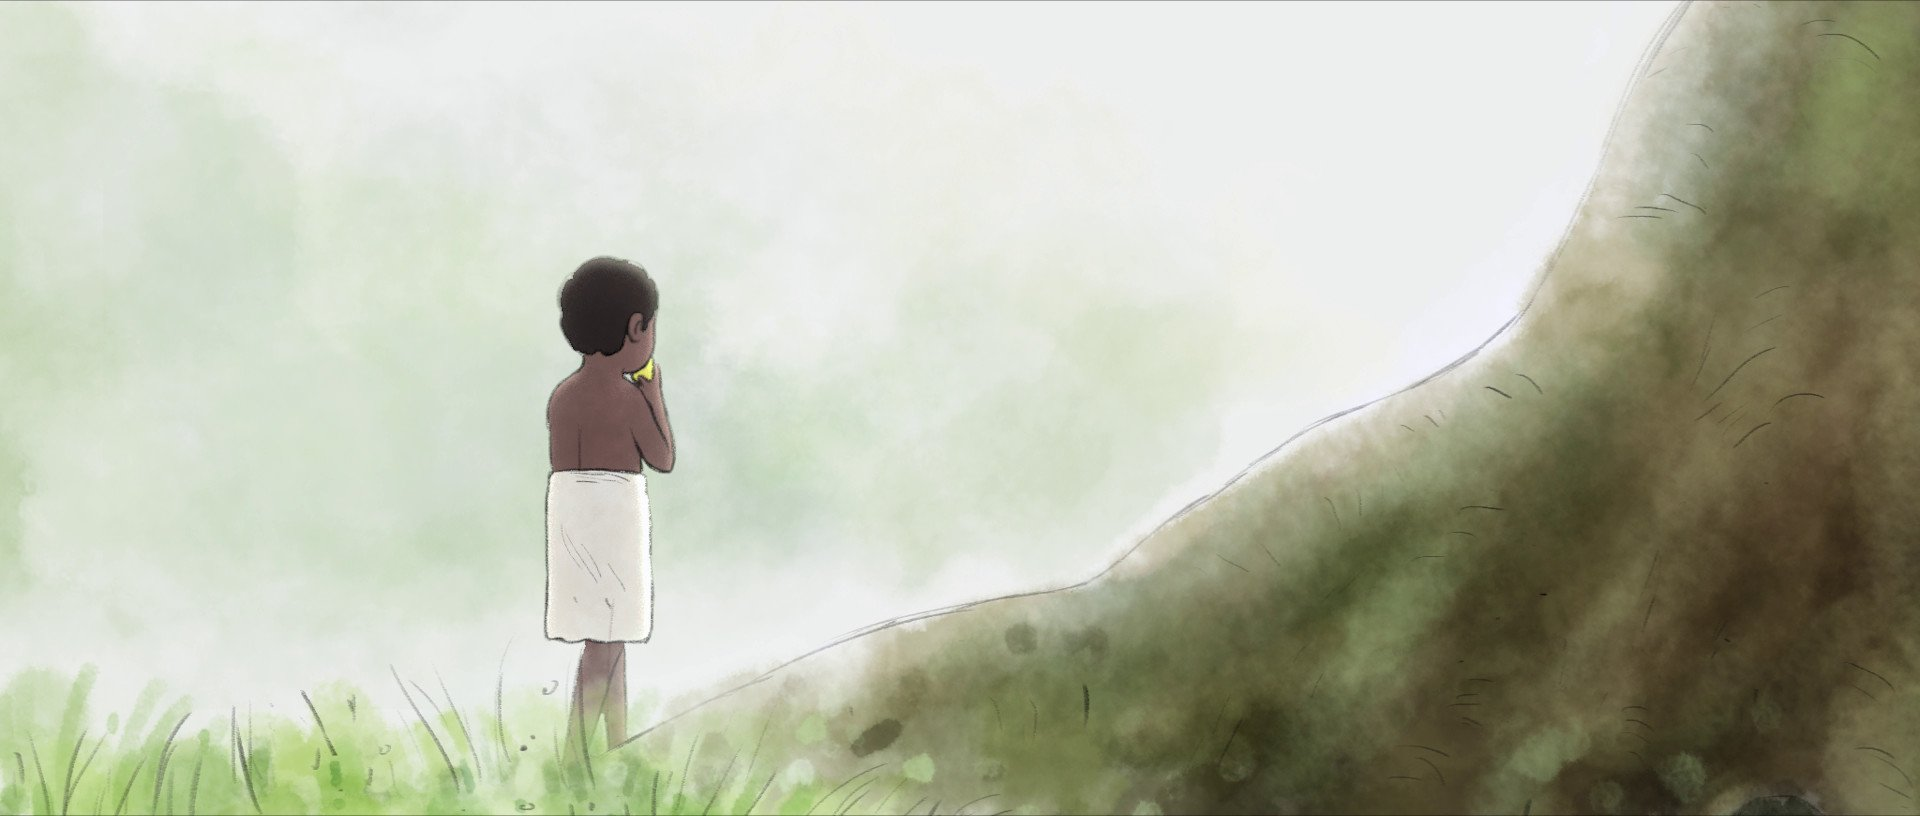 Przygody dzikich dzieci. Historia początku | Film i warsztaty | 7+